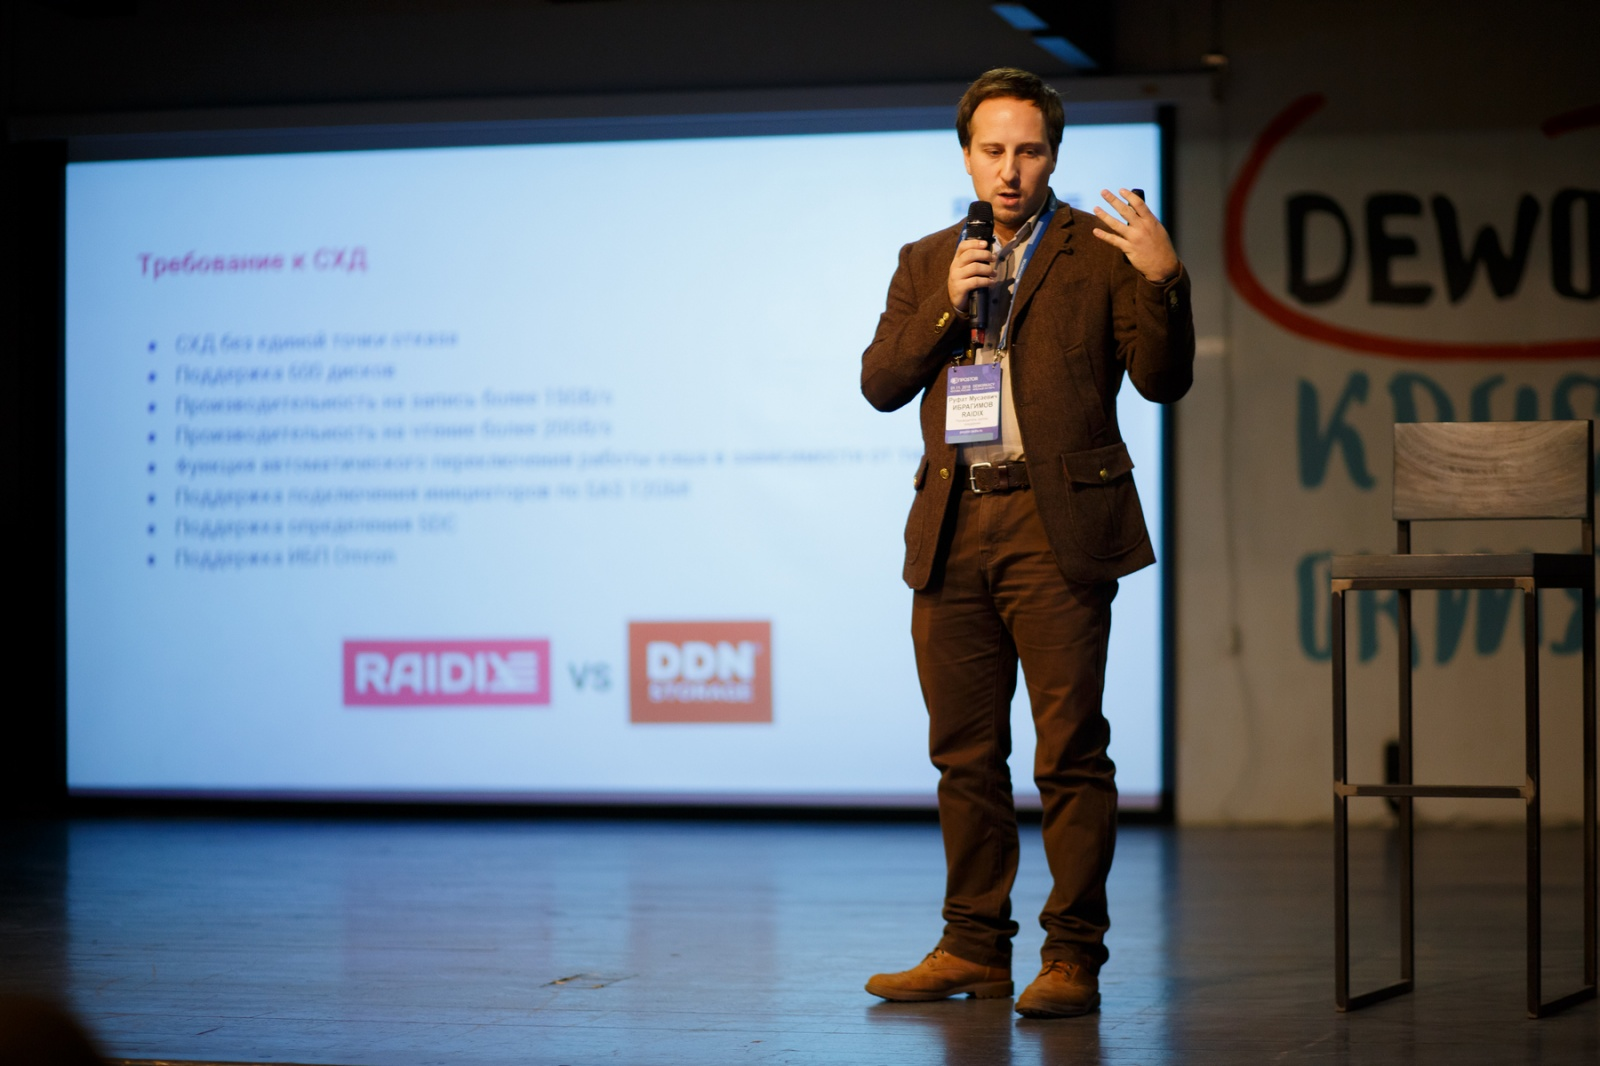 Конференция ПРОSTOR 2018: вопросы и ответы про будущее СХД - 28